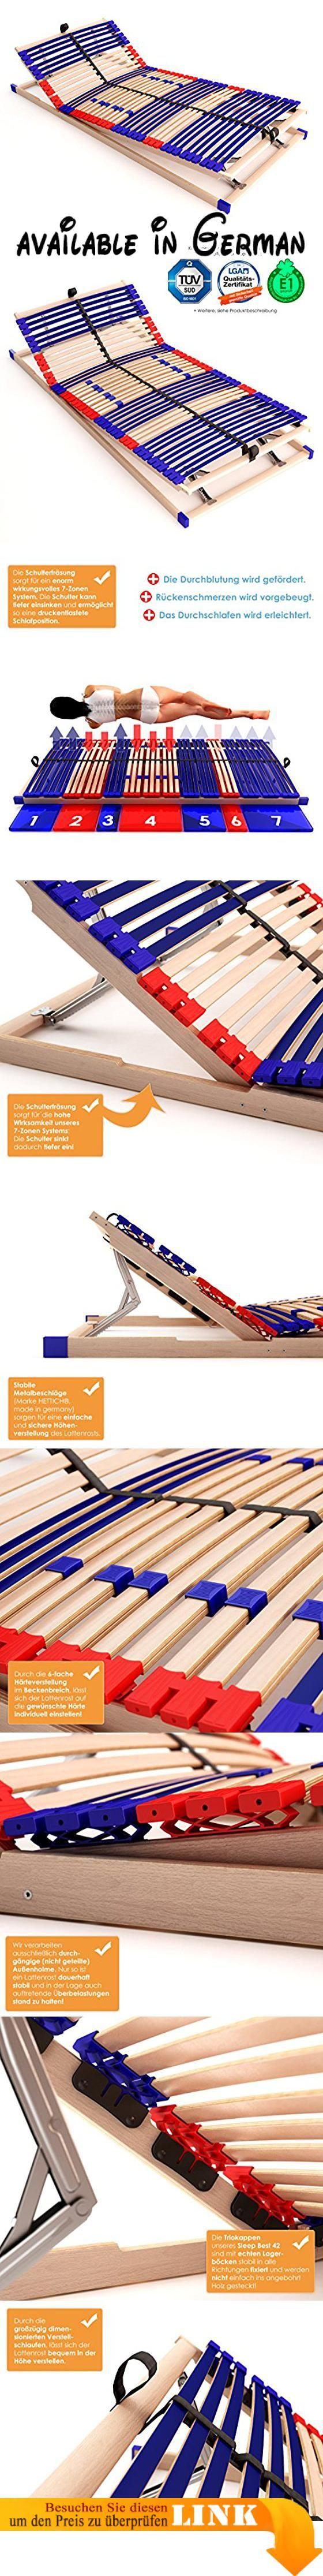 B012CWY11C : stabiler Lattenrahmen 100% BUCHE - Kopf- und Fußteil verstellbar - SCHULTERFRÄSUNG 7 Zonen 42 Federleisten Härte-Regulierung Mittelgurt SCHLUMMERPARADIES - SLEEP BEST 42 VARIO PLUS unmontiert ( 90x200 cm ). Lattenrost / Federholzrahmen - SLEEP BEST 42 VARIO PLUS - Kopfteil und Fußteil verstellbar - für 90x200cm Betten exaktes Maß: 89cm x 196cm x 75cm (BxLxH) - geprüft bis 140Kg Belastung belastbar bis 200Kg mit Matratze. 7-Zonen 42 Federholzleisten